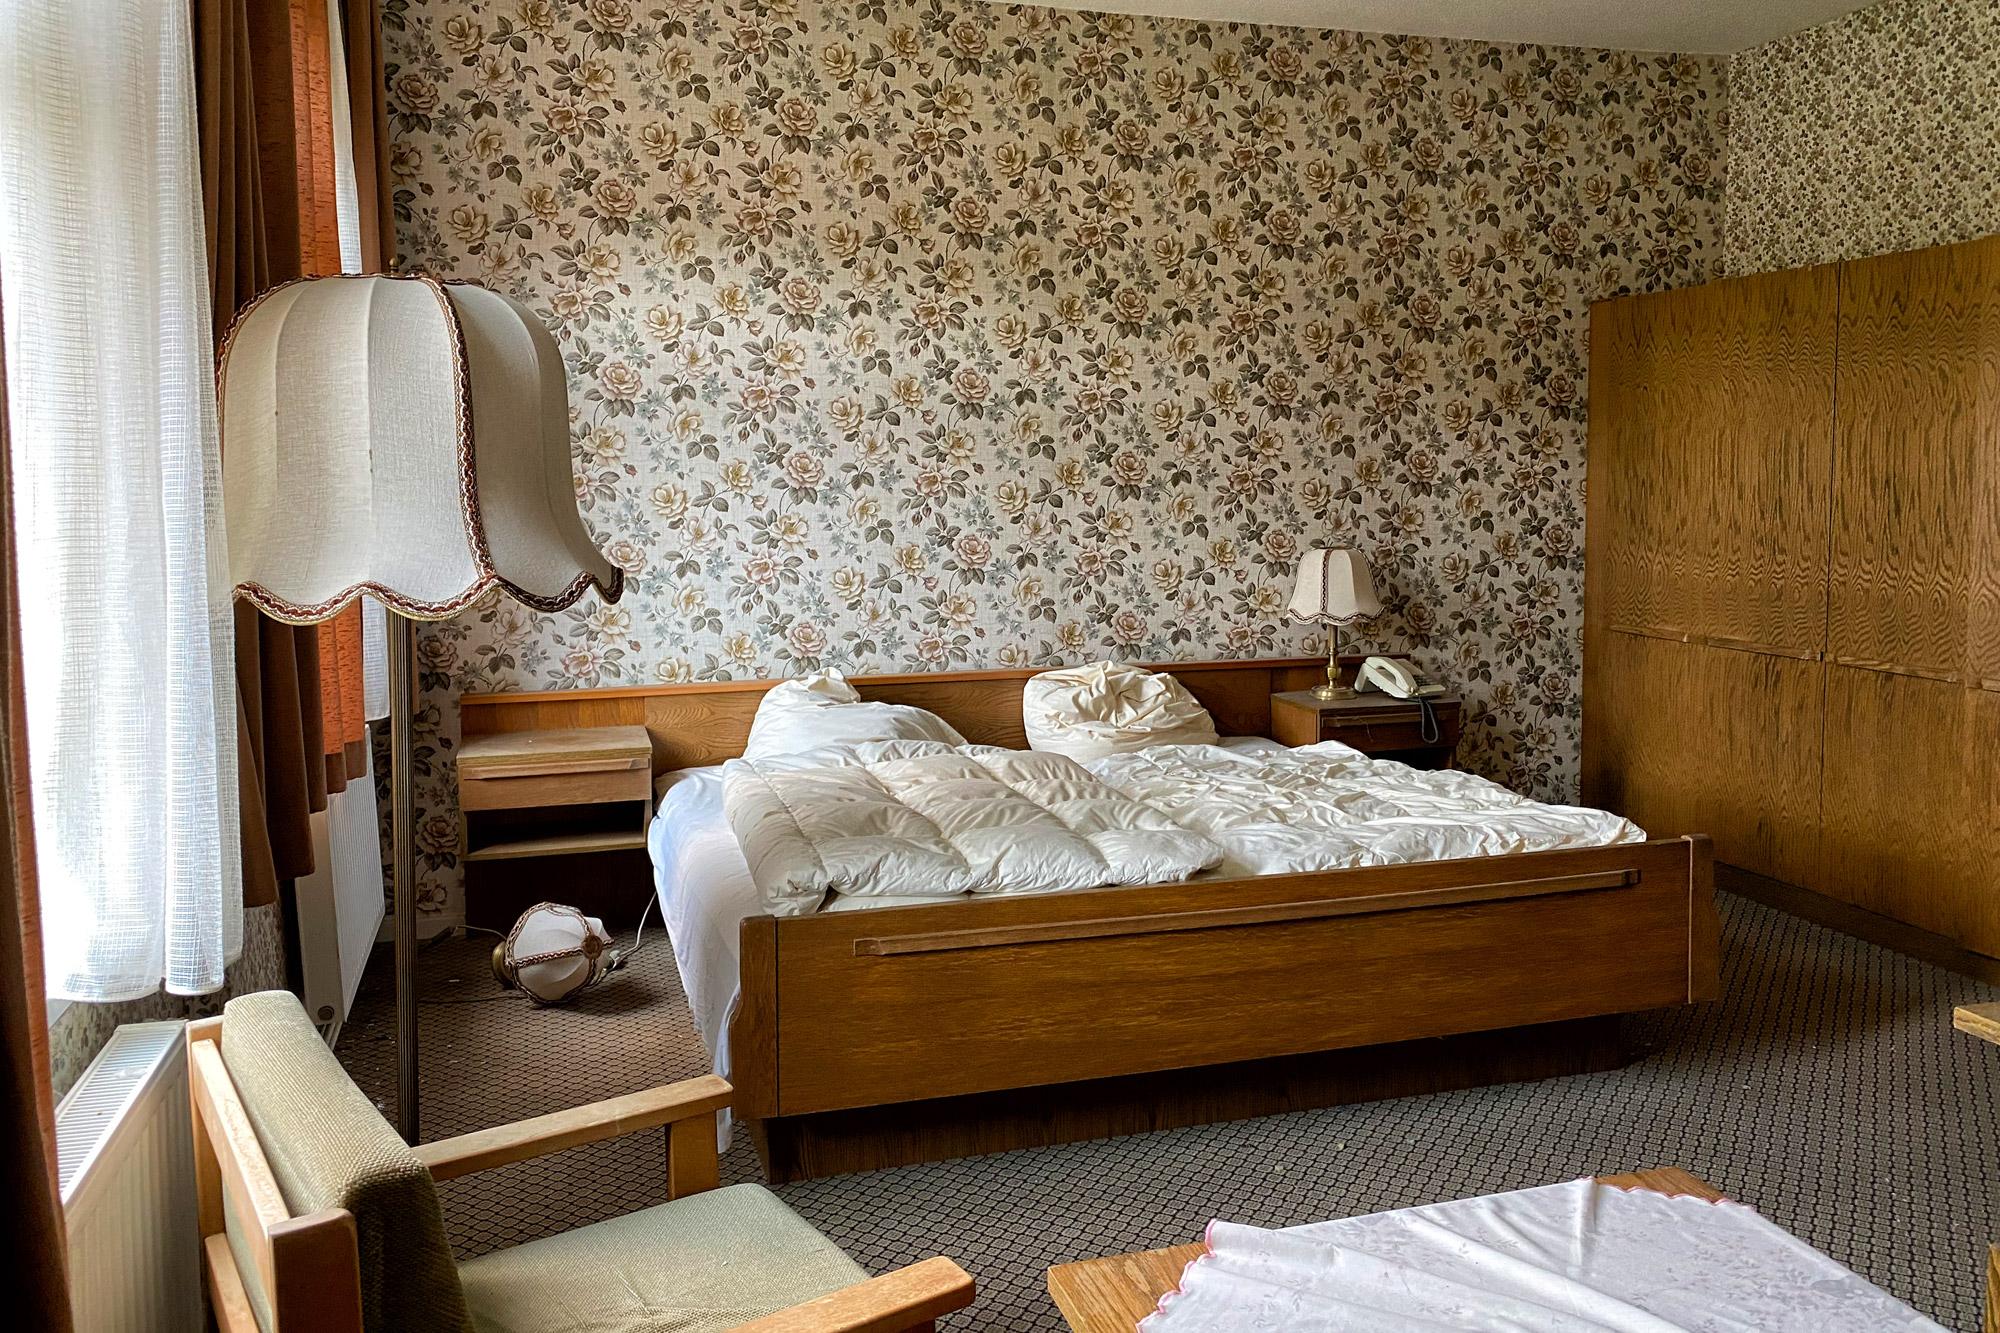 Foto van de maand: Augustus 2020 - Hotel Teddybear, Duitsland